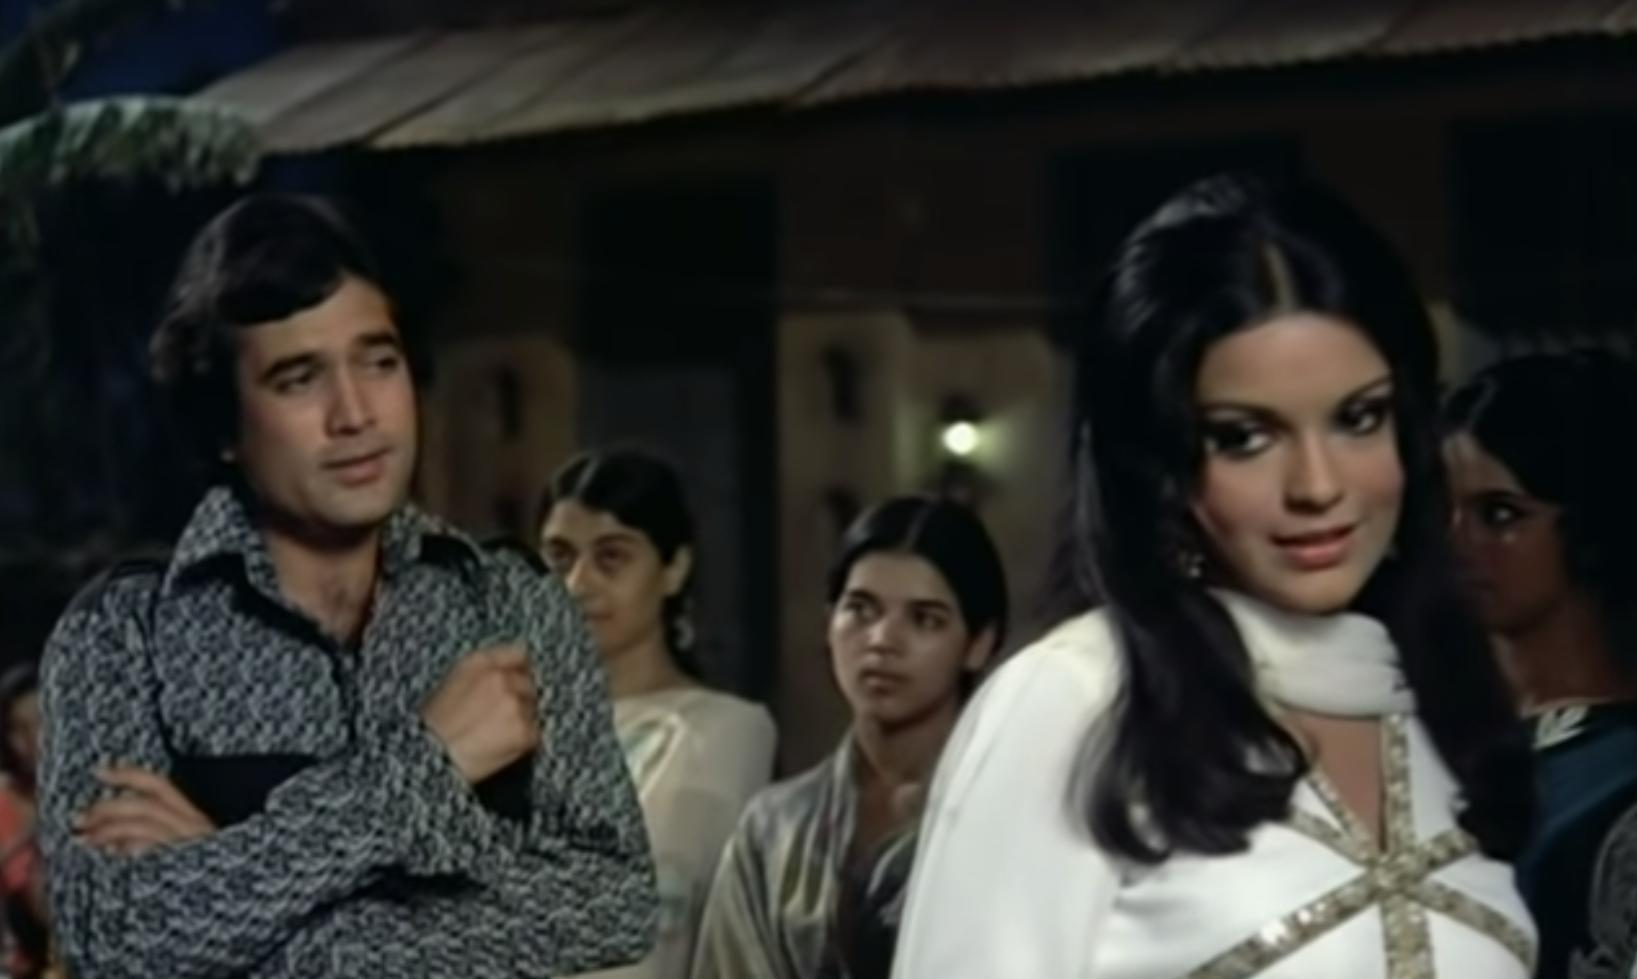 Rajesh Khanna and Zeenat Aman in Ek Anjabi Haseena Se